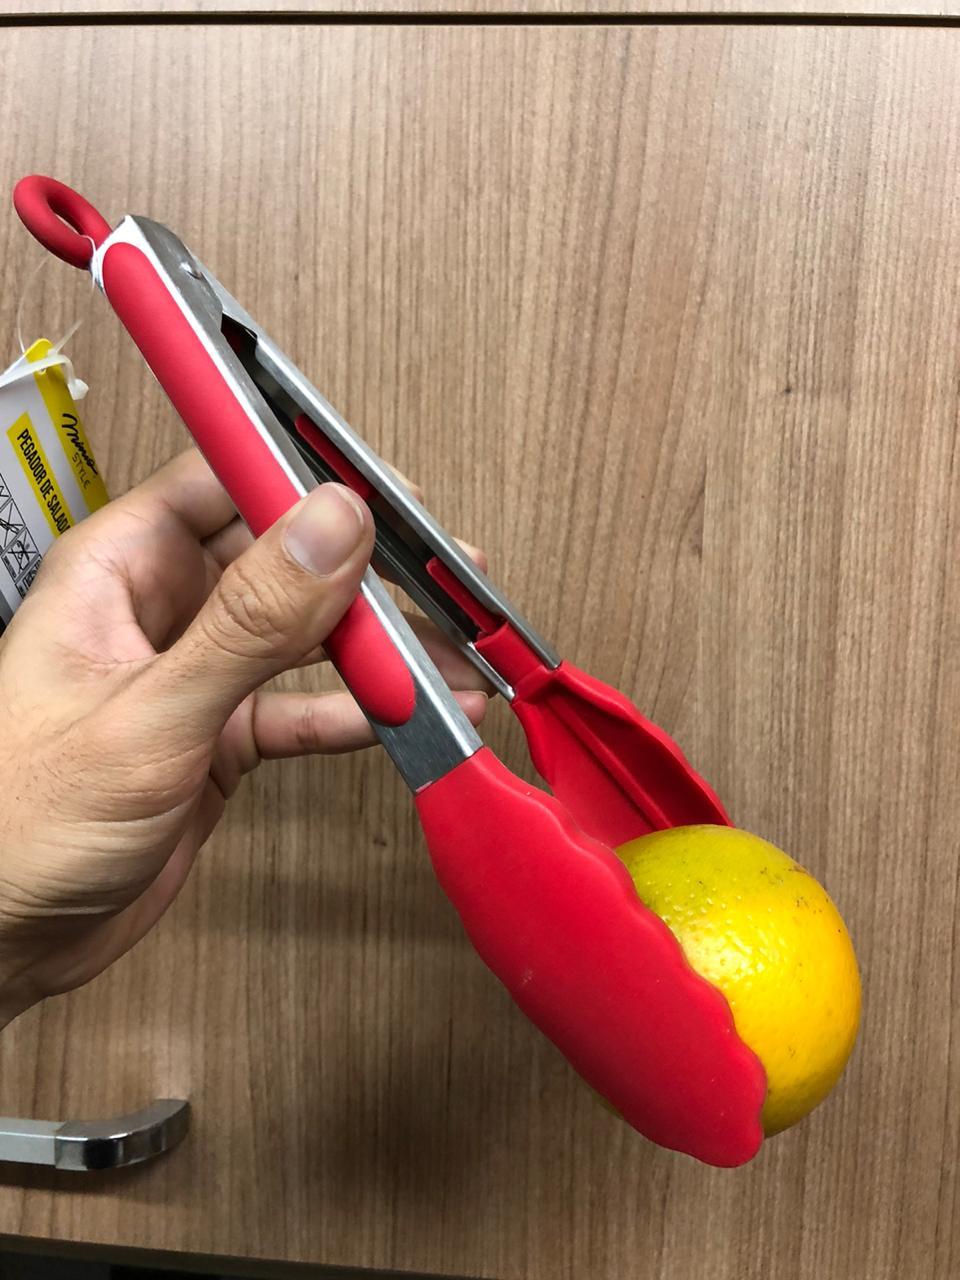 Pegador silicone carne churrasco salada cozinha pinça culinaria 28cm Vermelho livre de bpa mimostyle